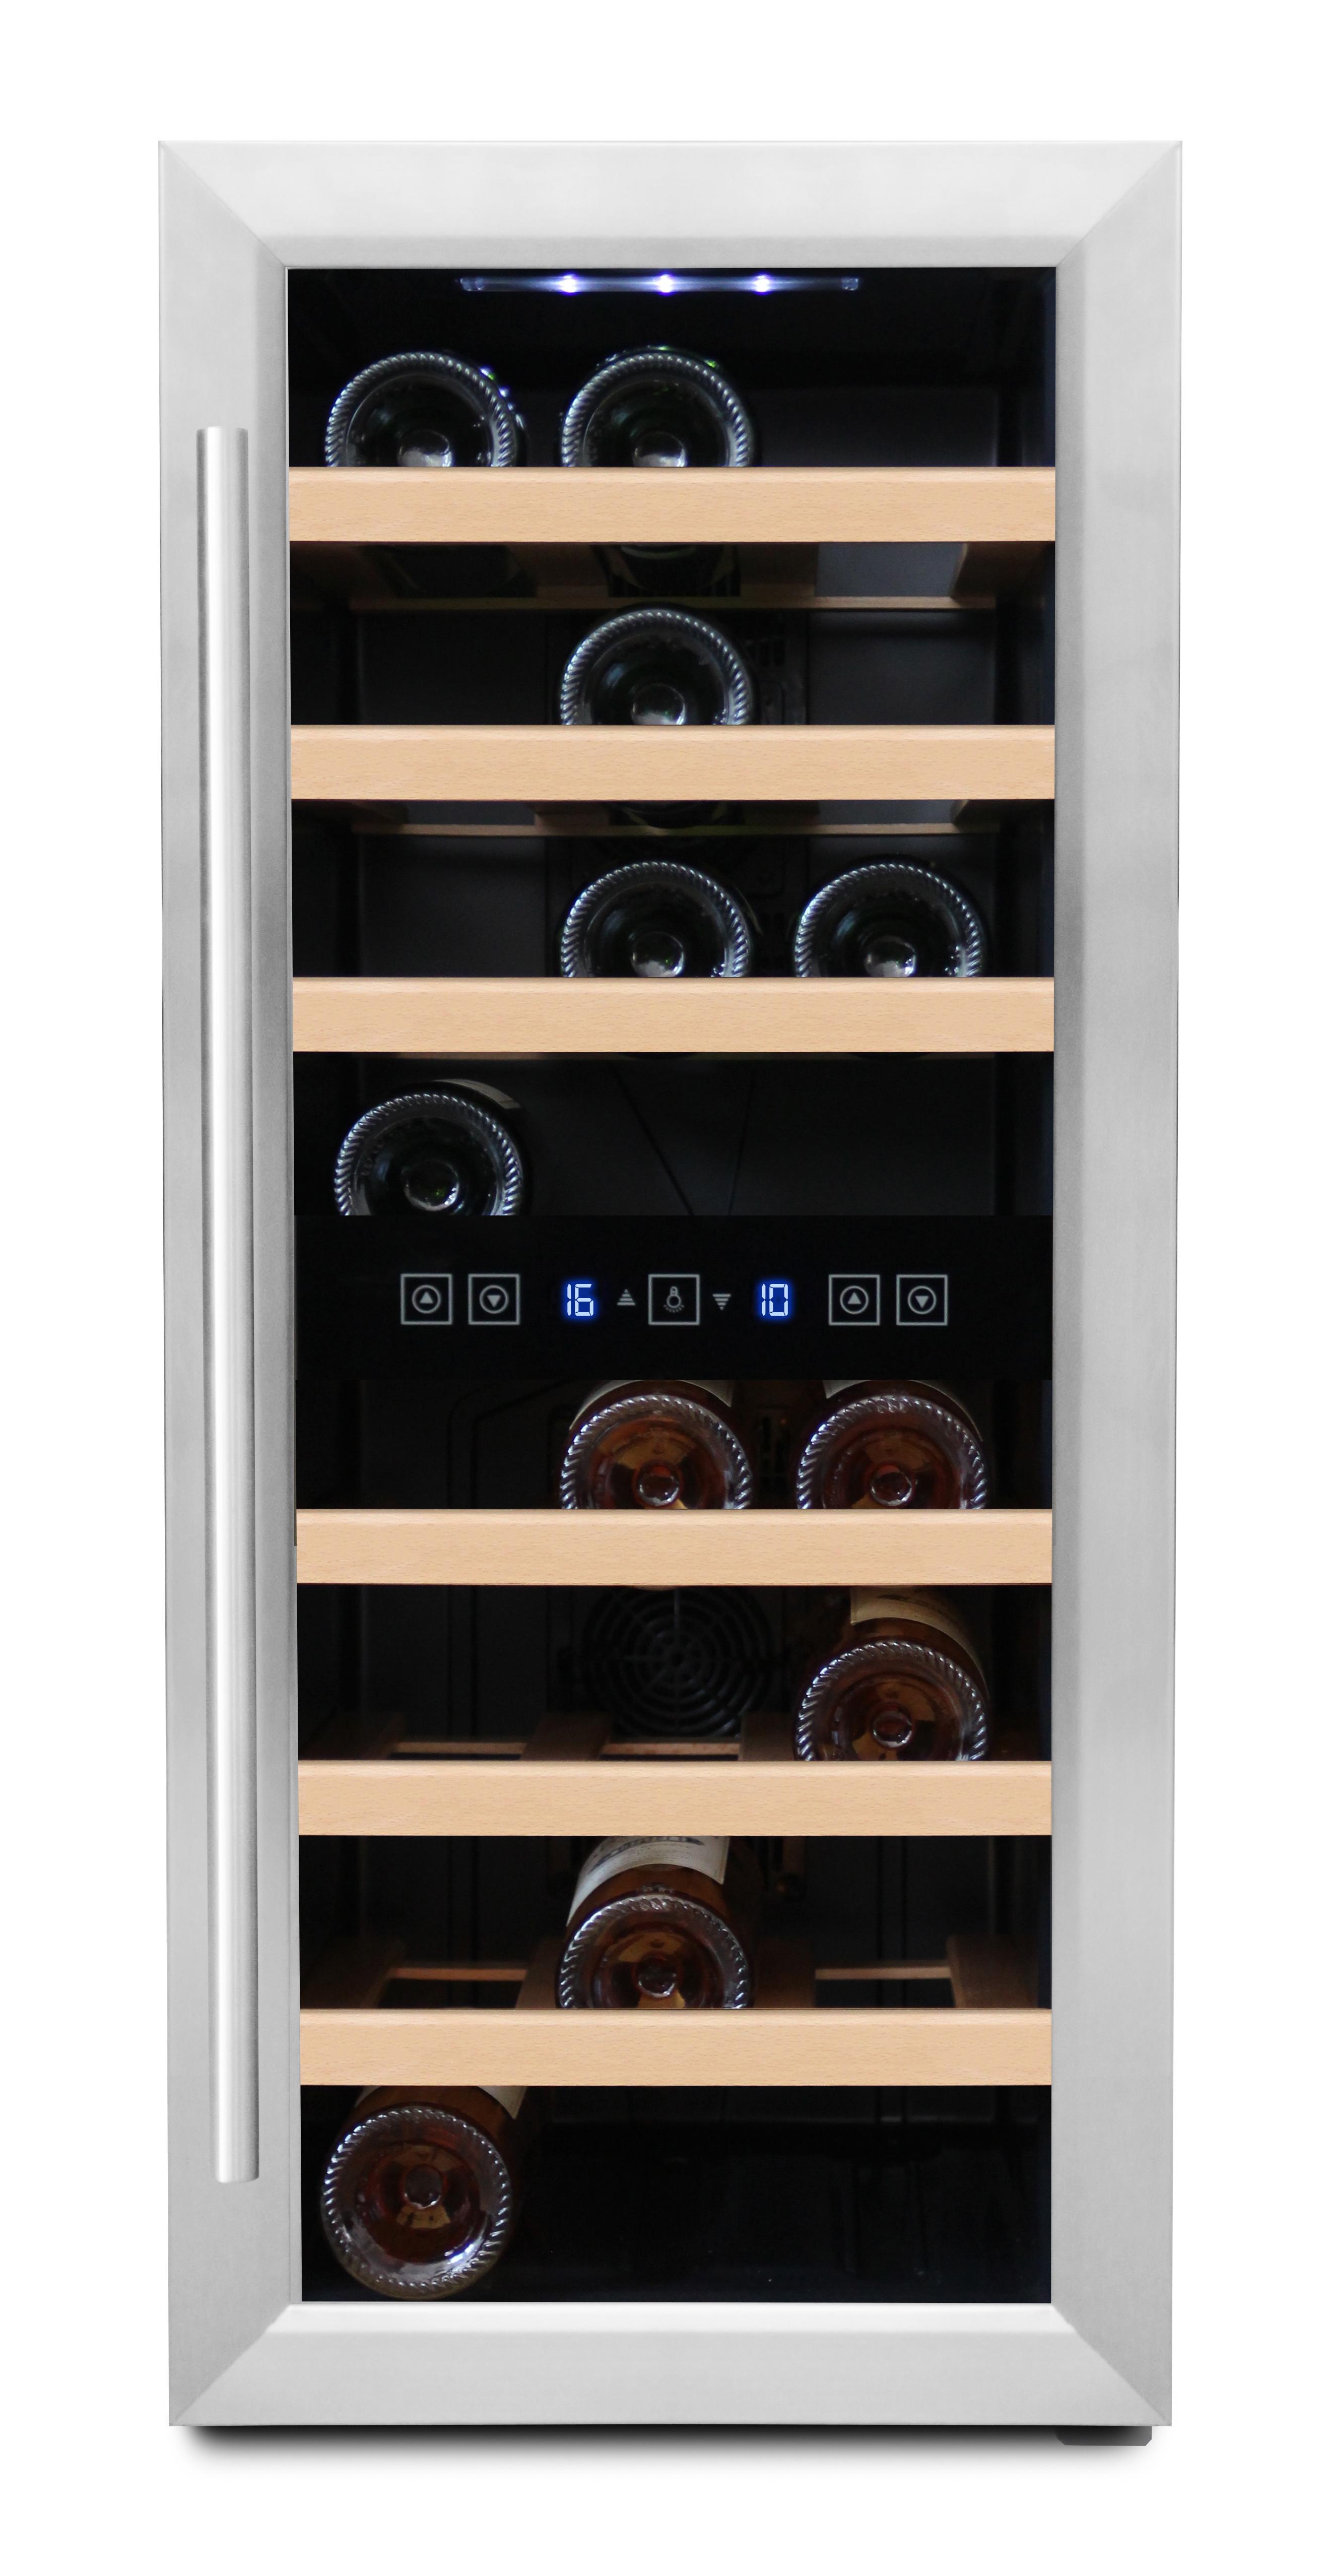 Fristående vinkyl - 24 flaskor